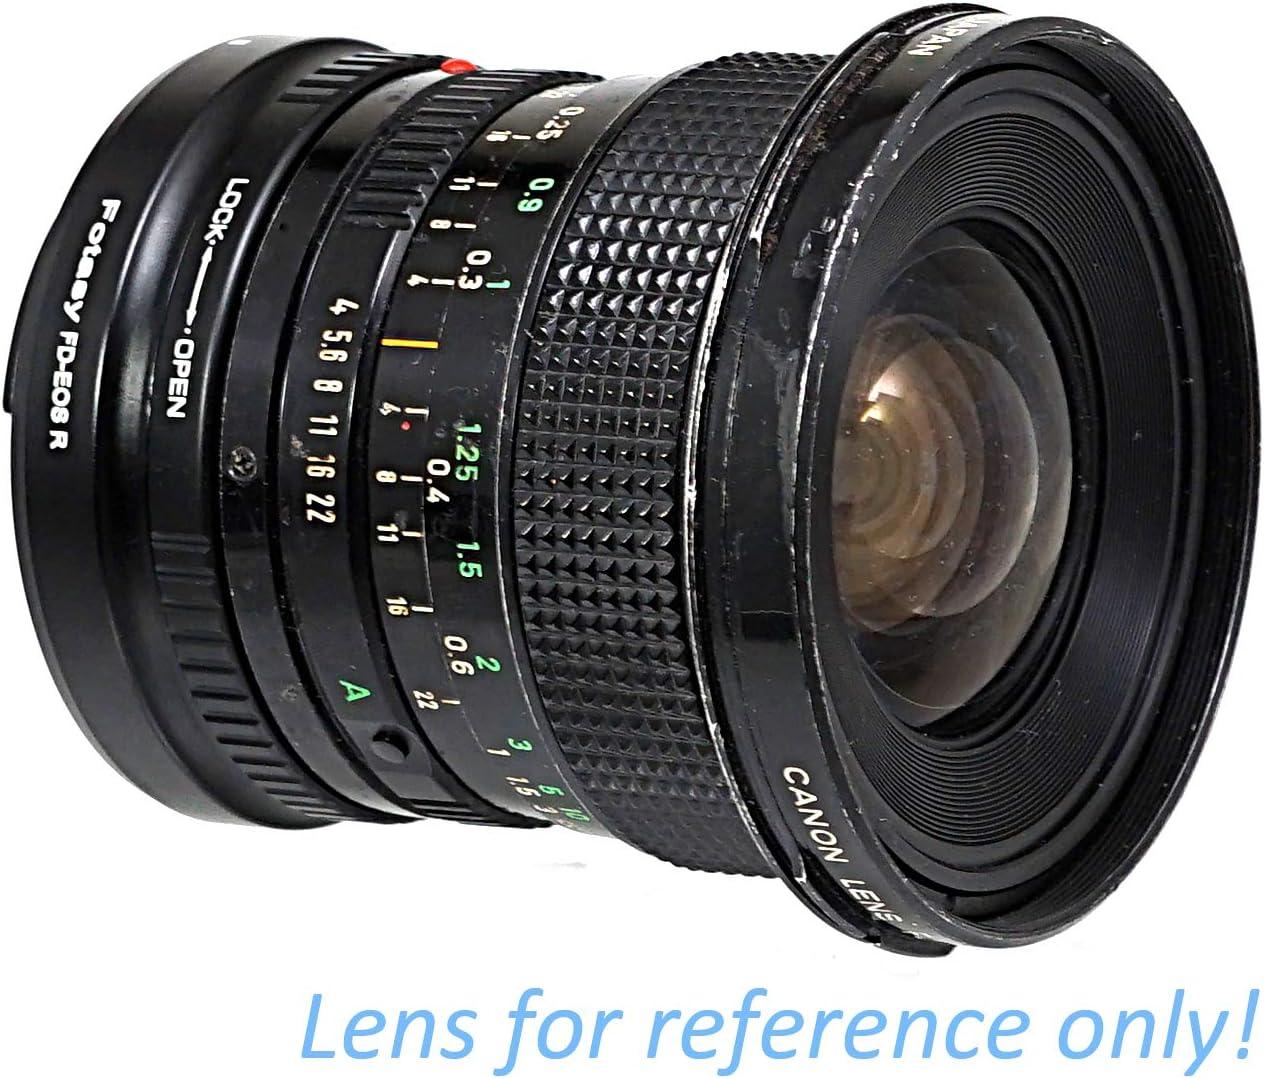 Fotasy Olympus OM Lens to Canon EOS R Mount Adapter fits Olympus OM Mount Lens /& Canon EOS R Mirrorless Camera EOS R//EOS RP OM EOS R Adapter OM EOS R OM EOS RP Adapter OM RF Adapter